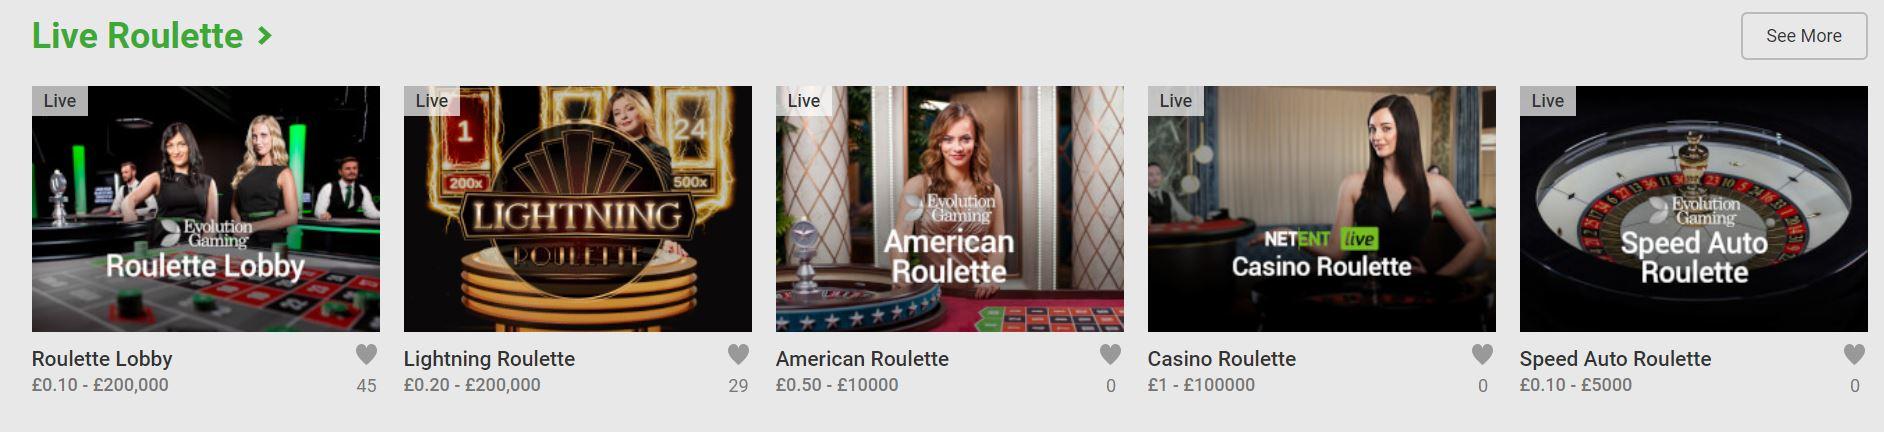 Desde slots hasta poker, encontrarás todos los juegos en este sitio web.